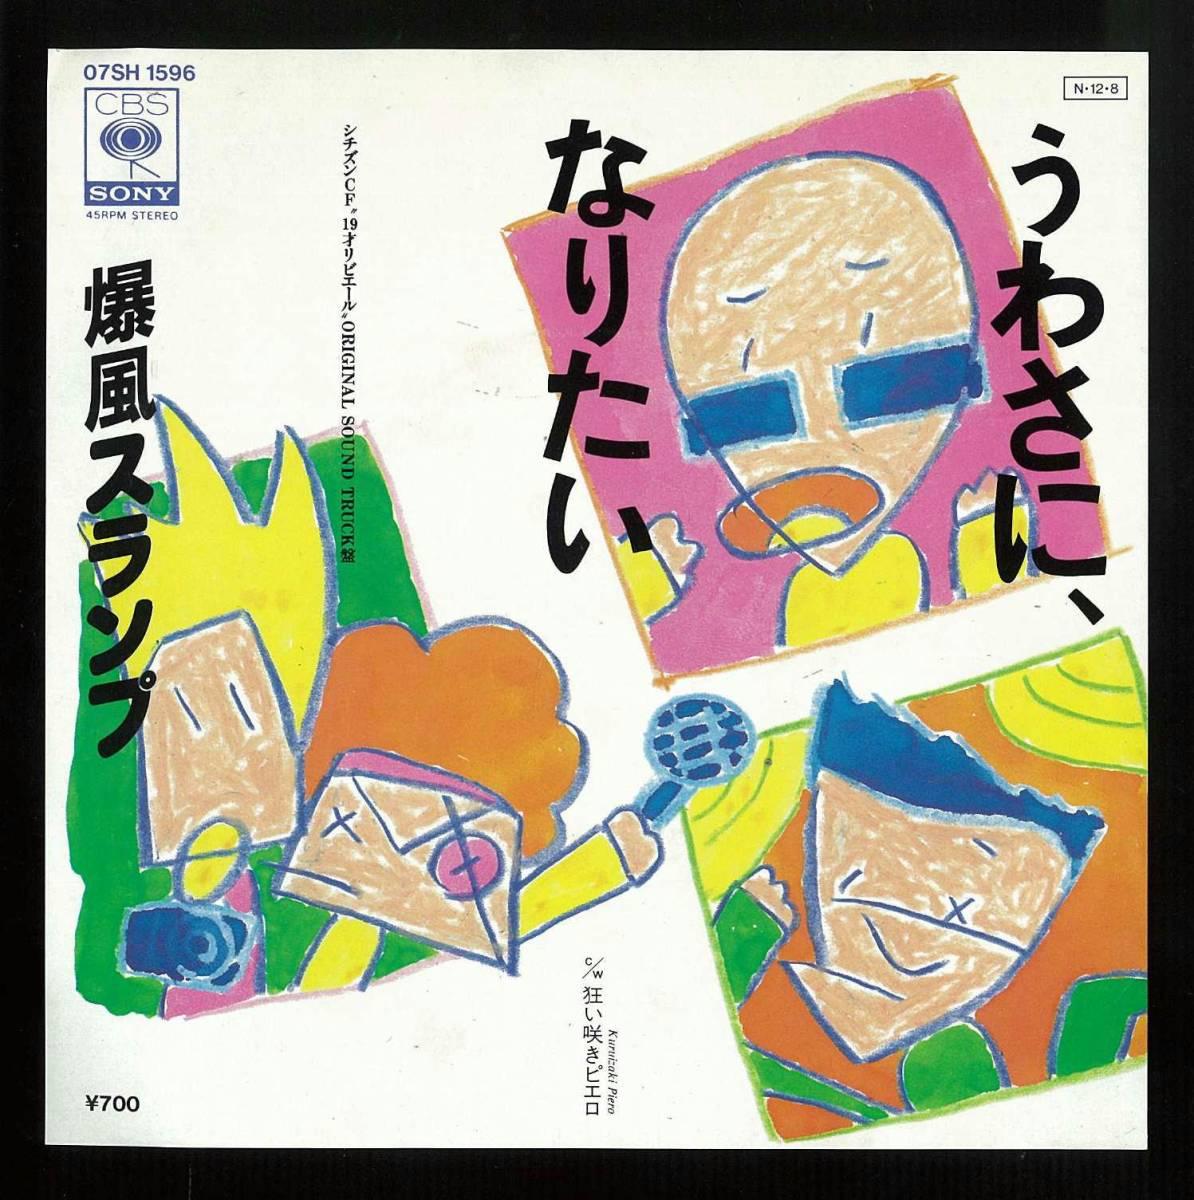 ◆中古EP盤◆爆風スランプ◆うわさに、なりたい◆狂い咲きピエロ◆_画像1